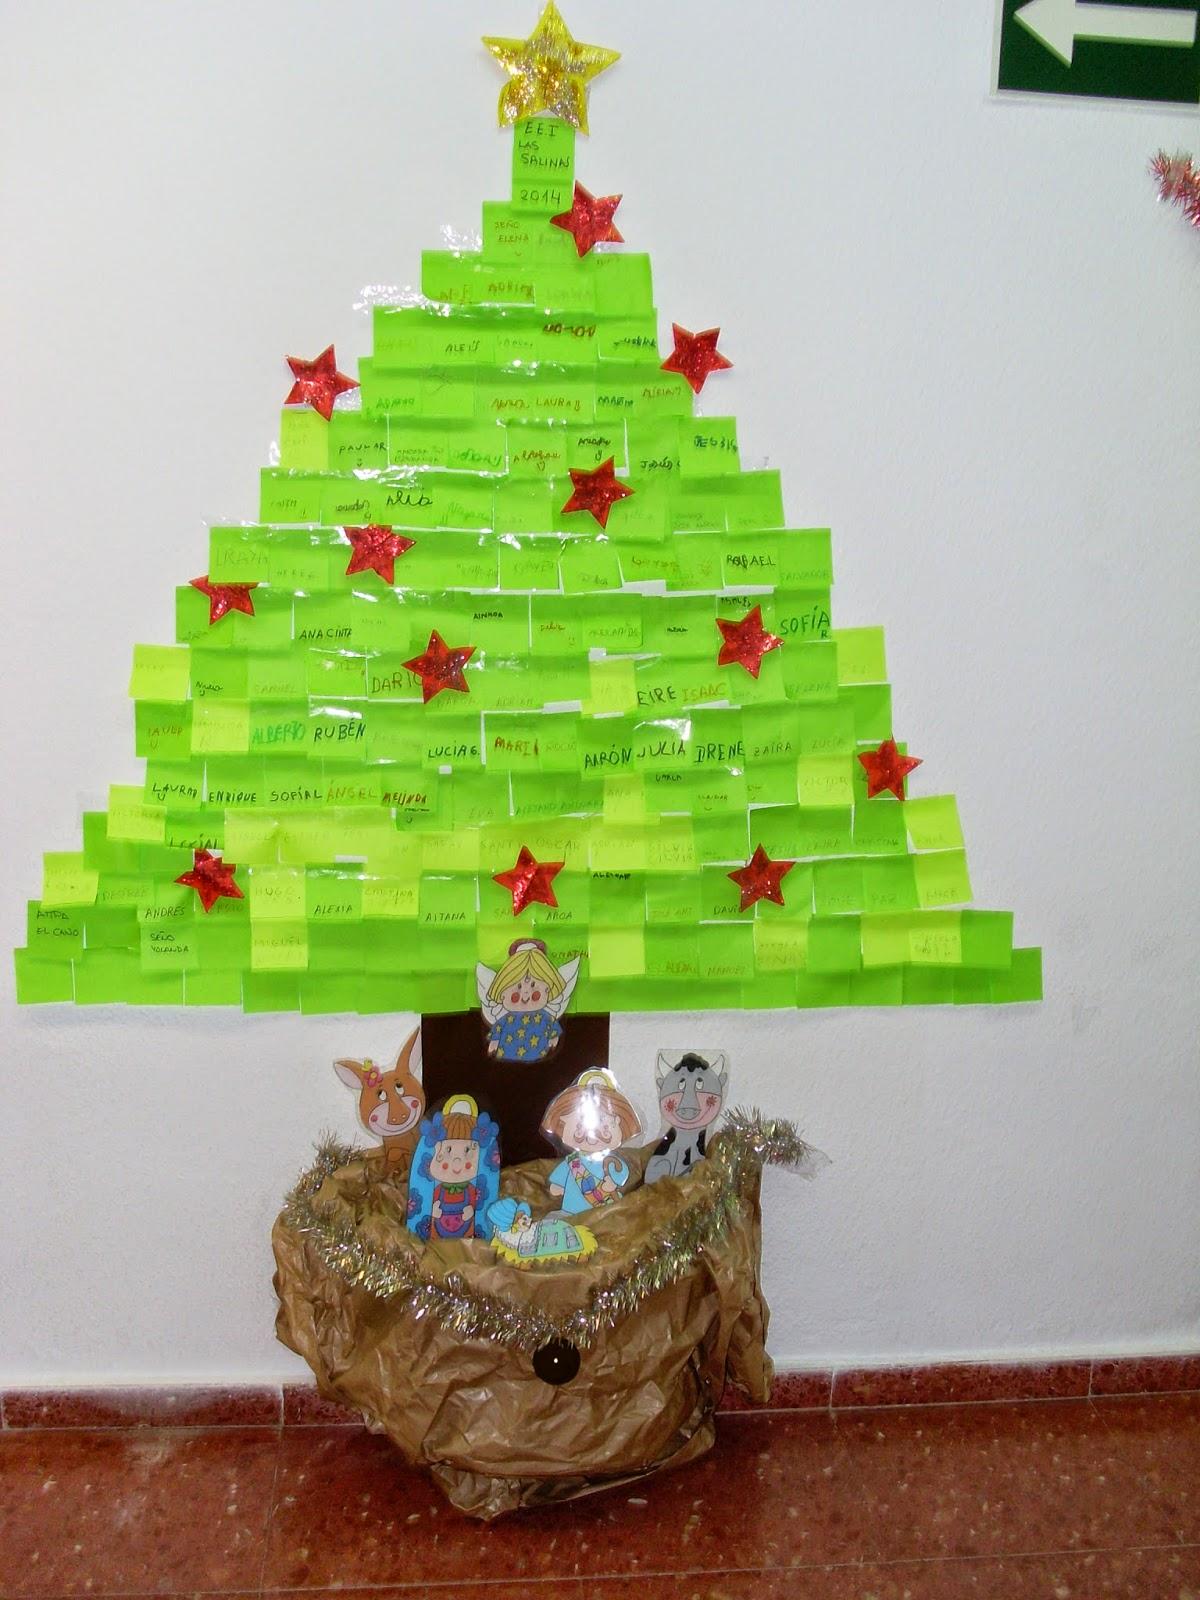 Escuela infantil las salinas lleg la navidad - Decoracion navidad infantil ...